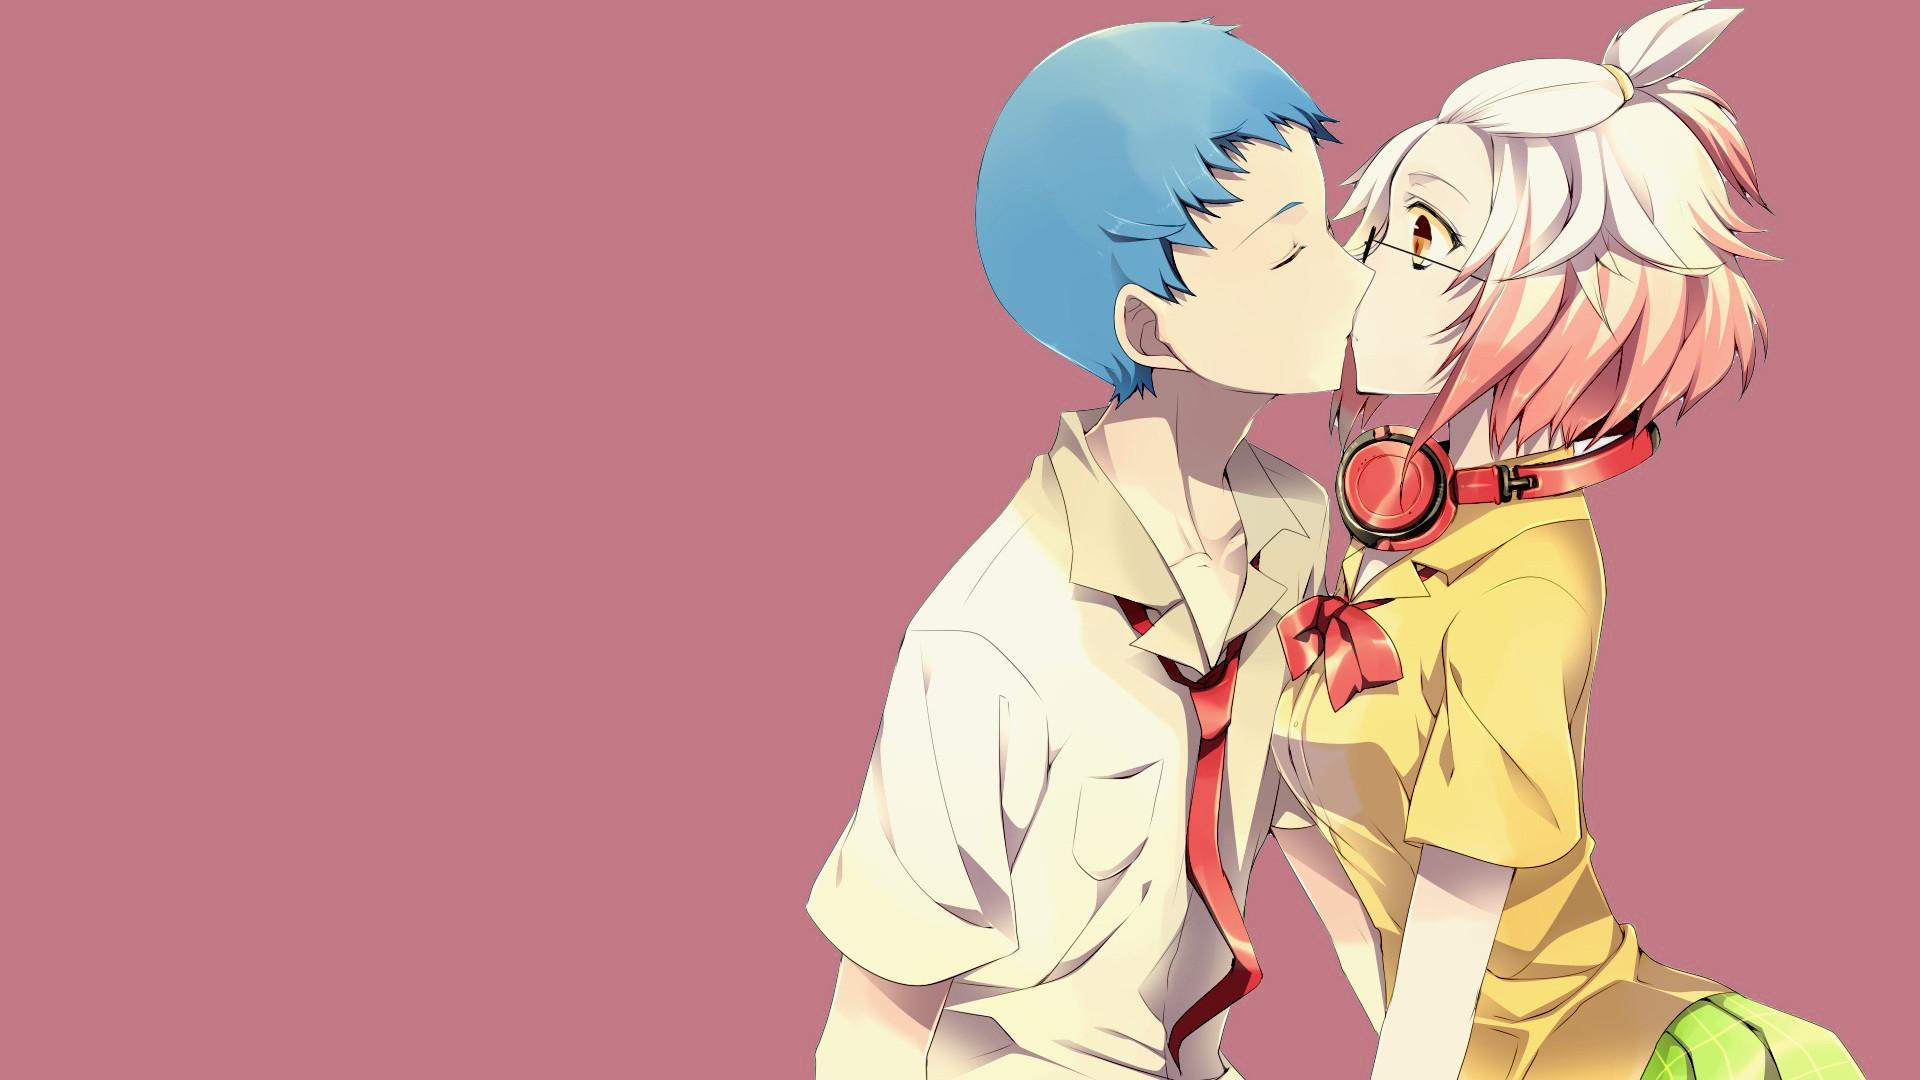 Anime couple surprise kiss